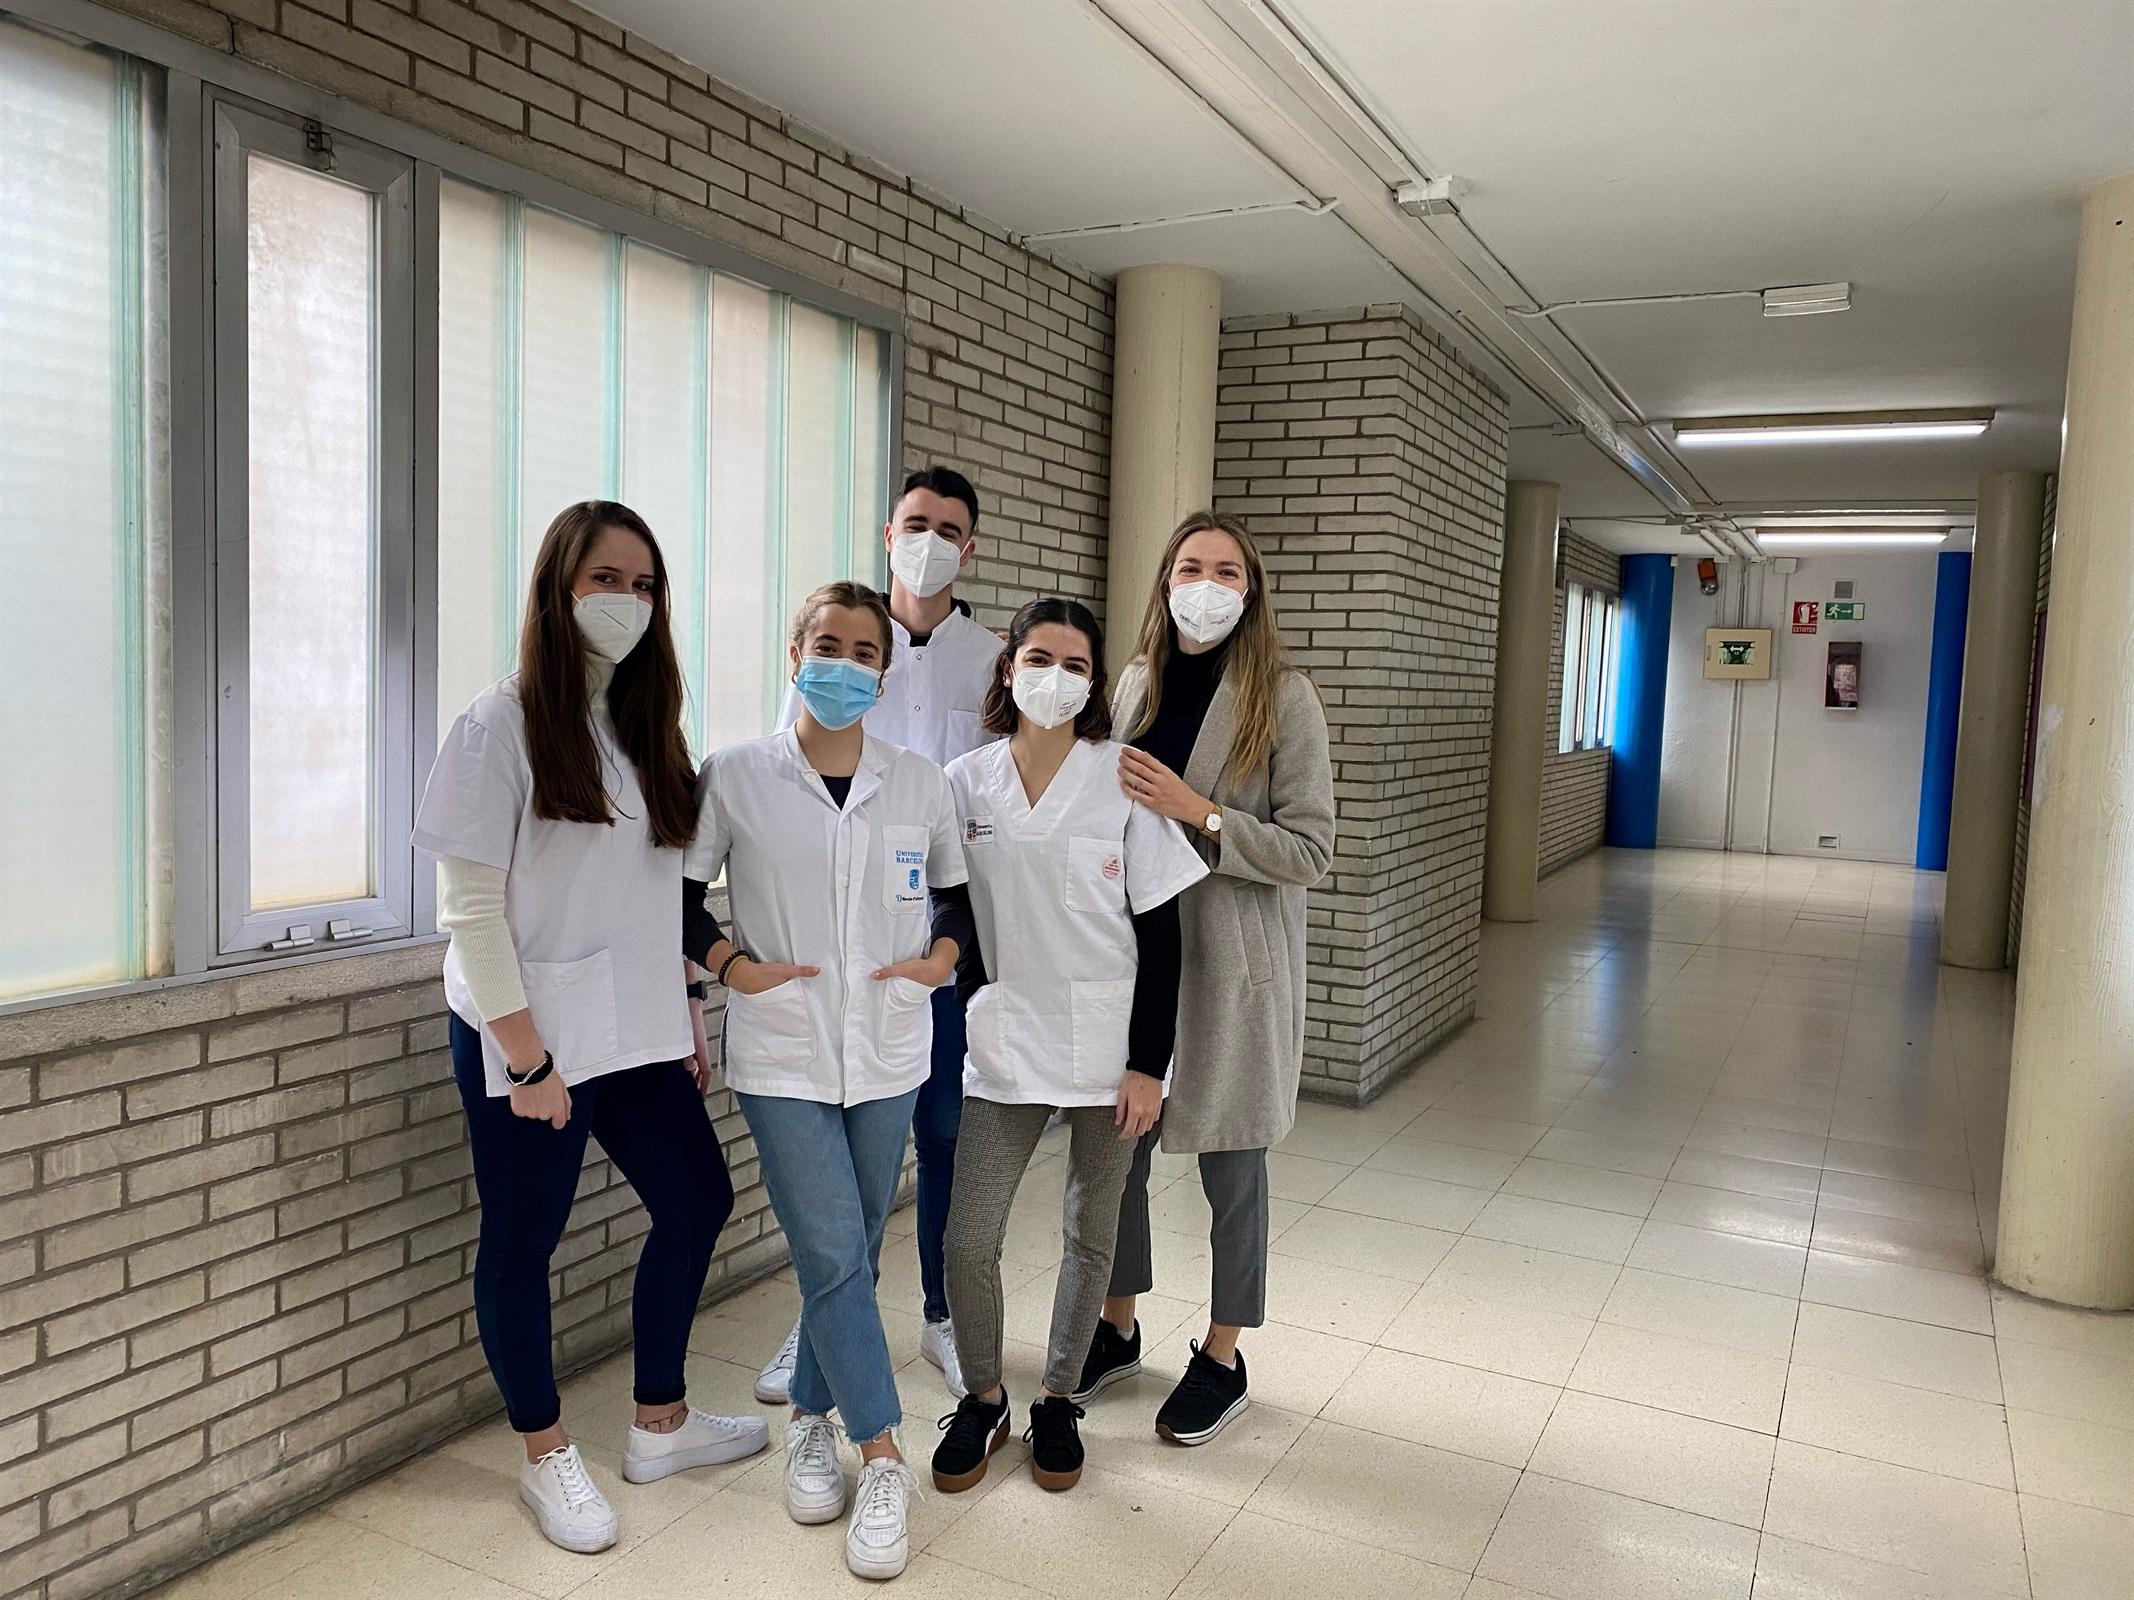 Una intervenció comunitària amb estudiants d'infermeria vol conscienciar els adolescents sobre la covid-19